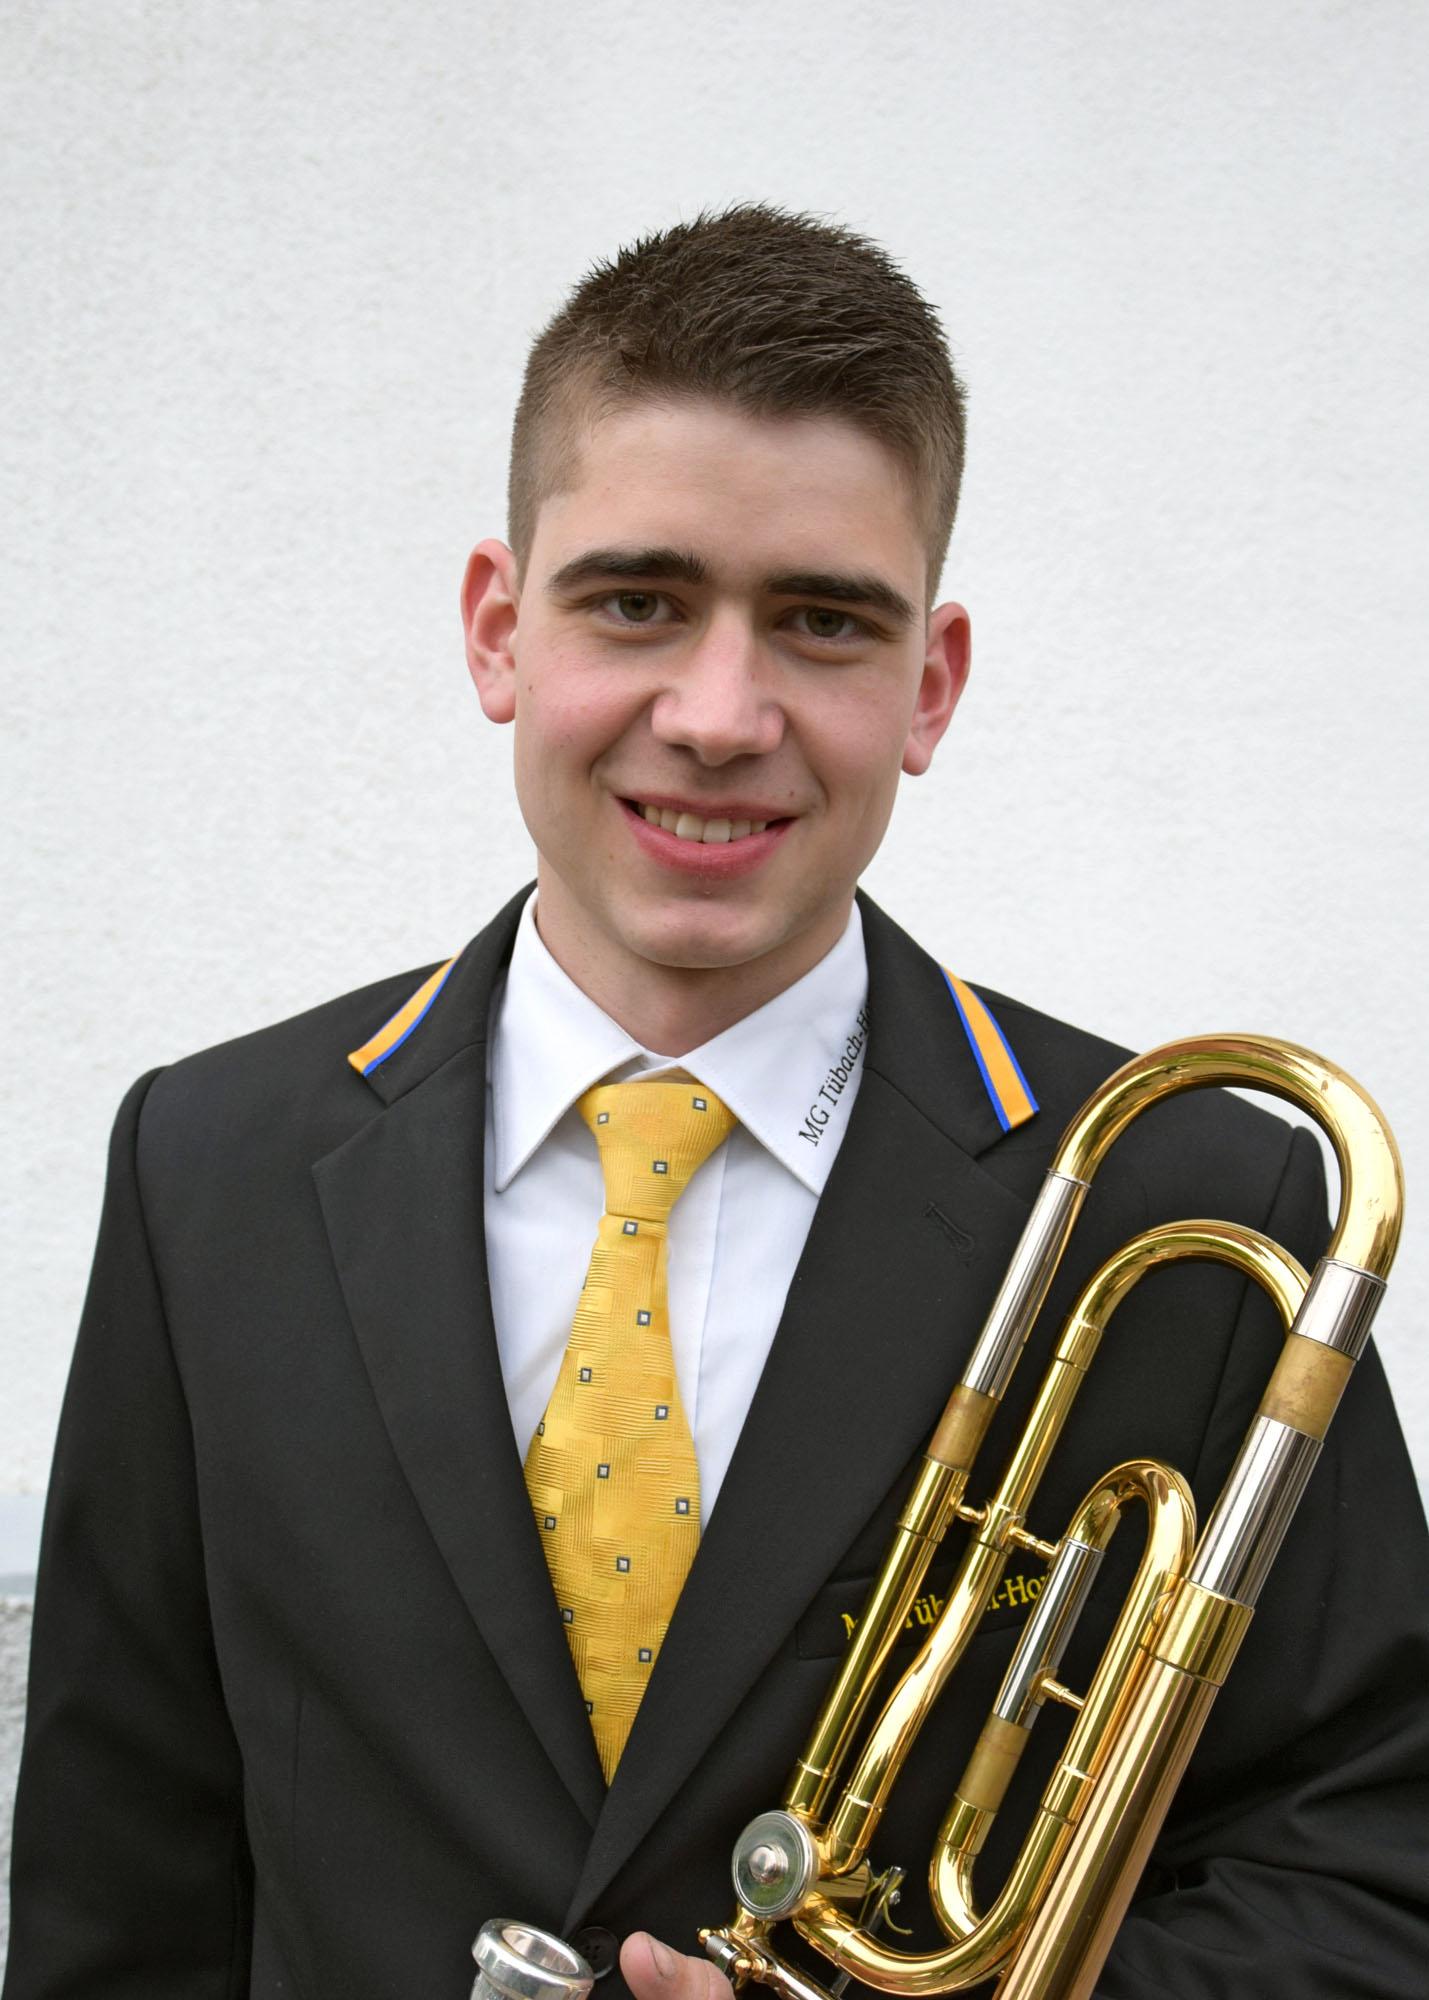 Florian Popp